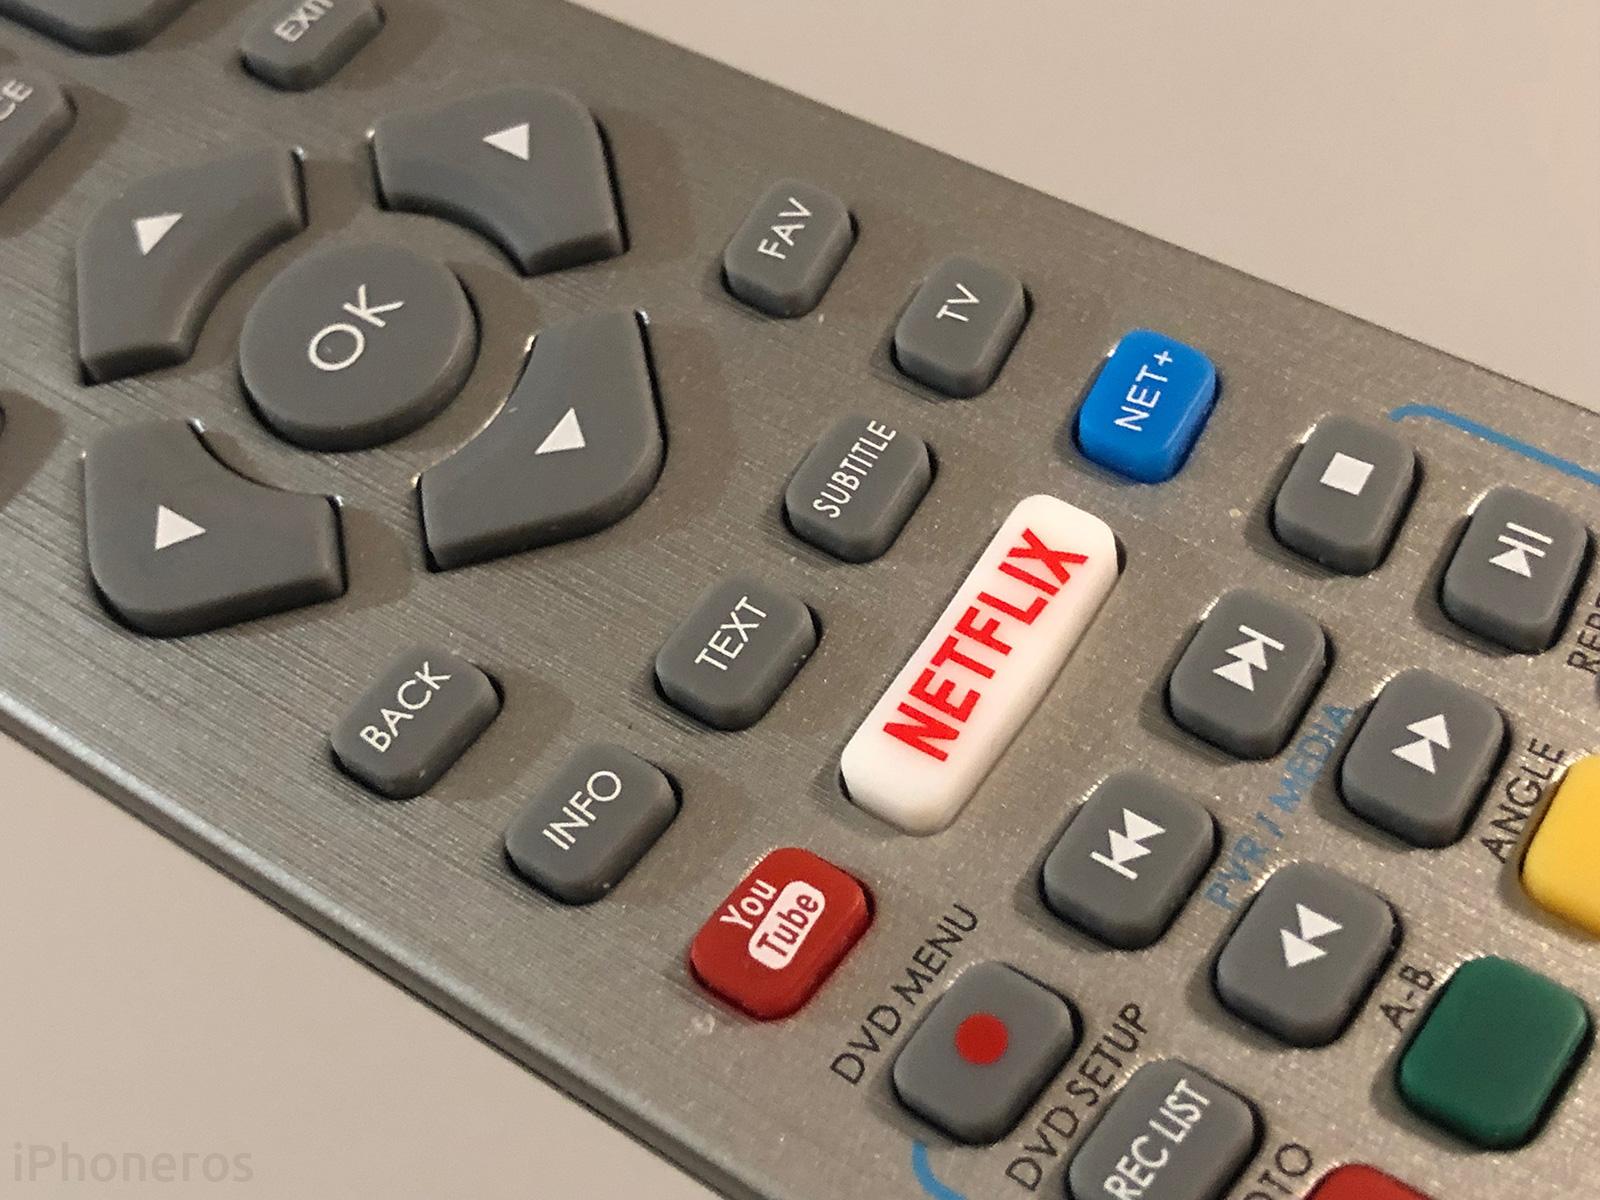 Mando a distancia de TV con botón de YouTube y Netflix